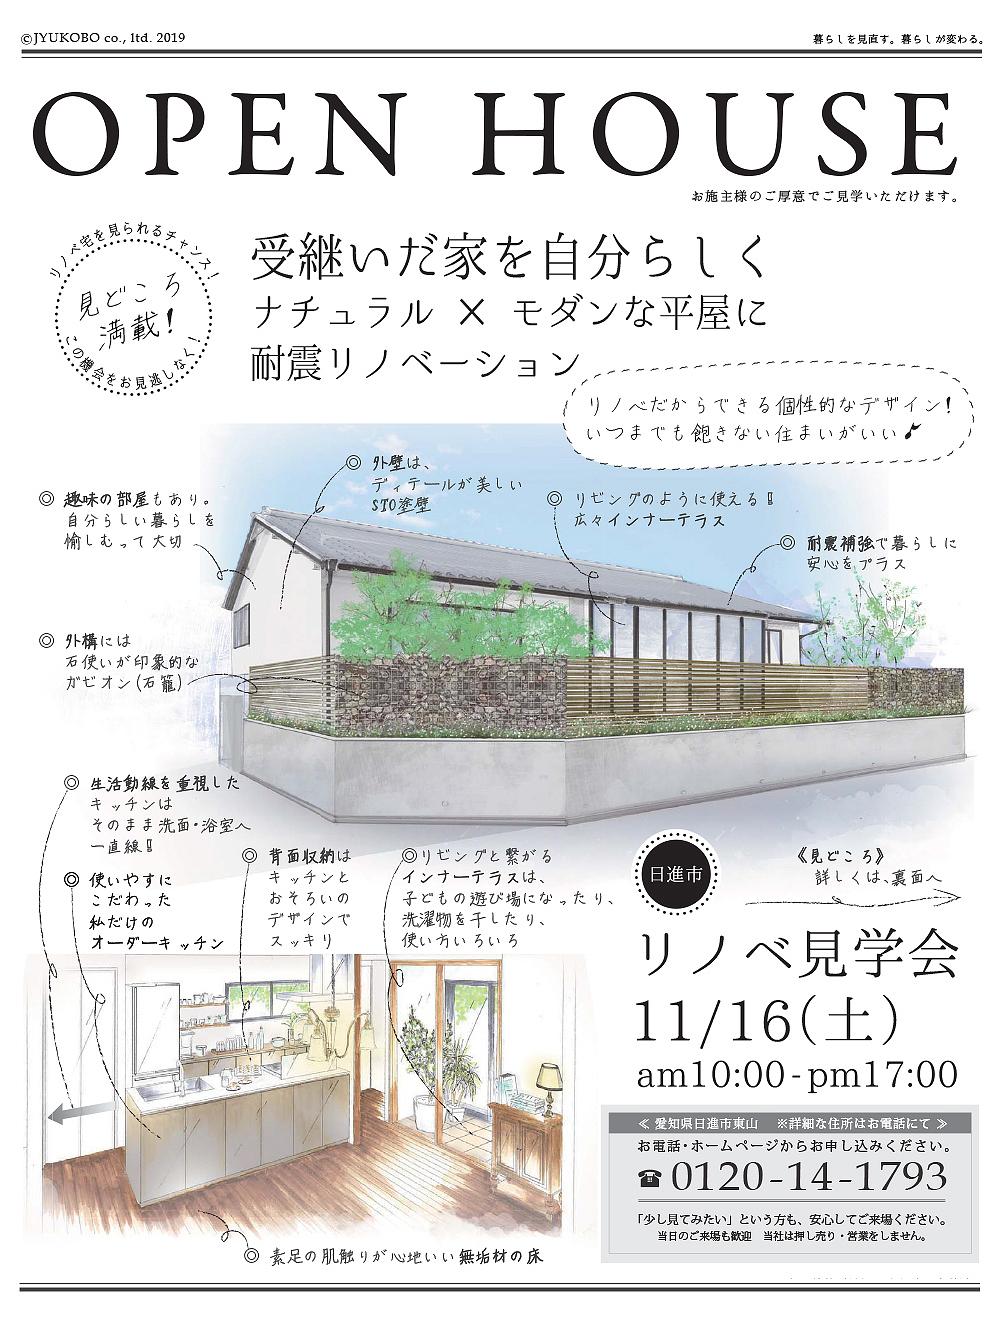 愛知県 日進市の 戸建リノベーション 完成見学会